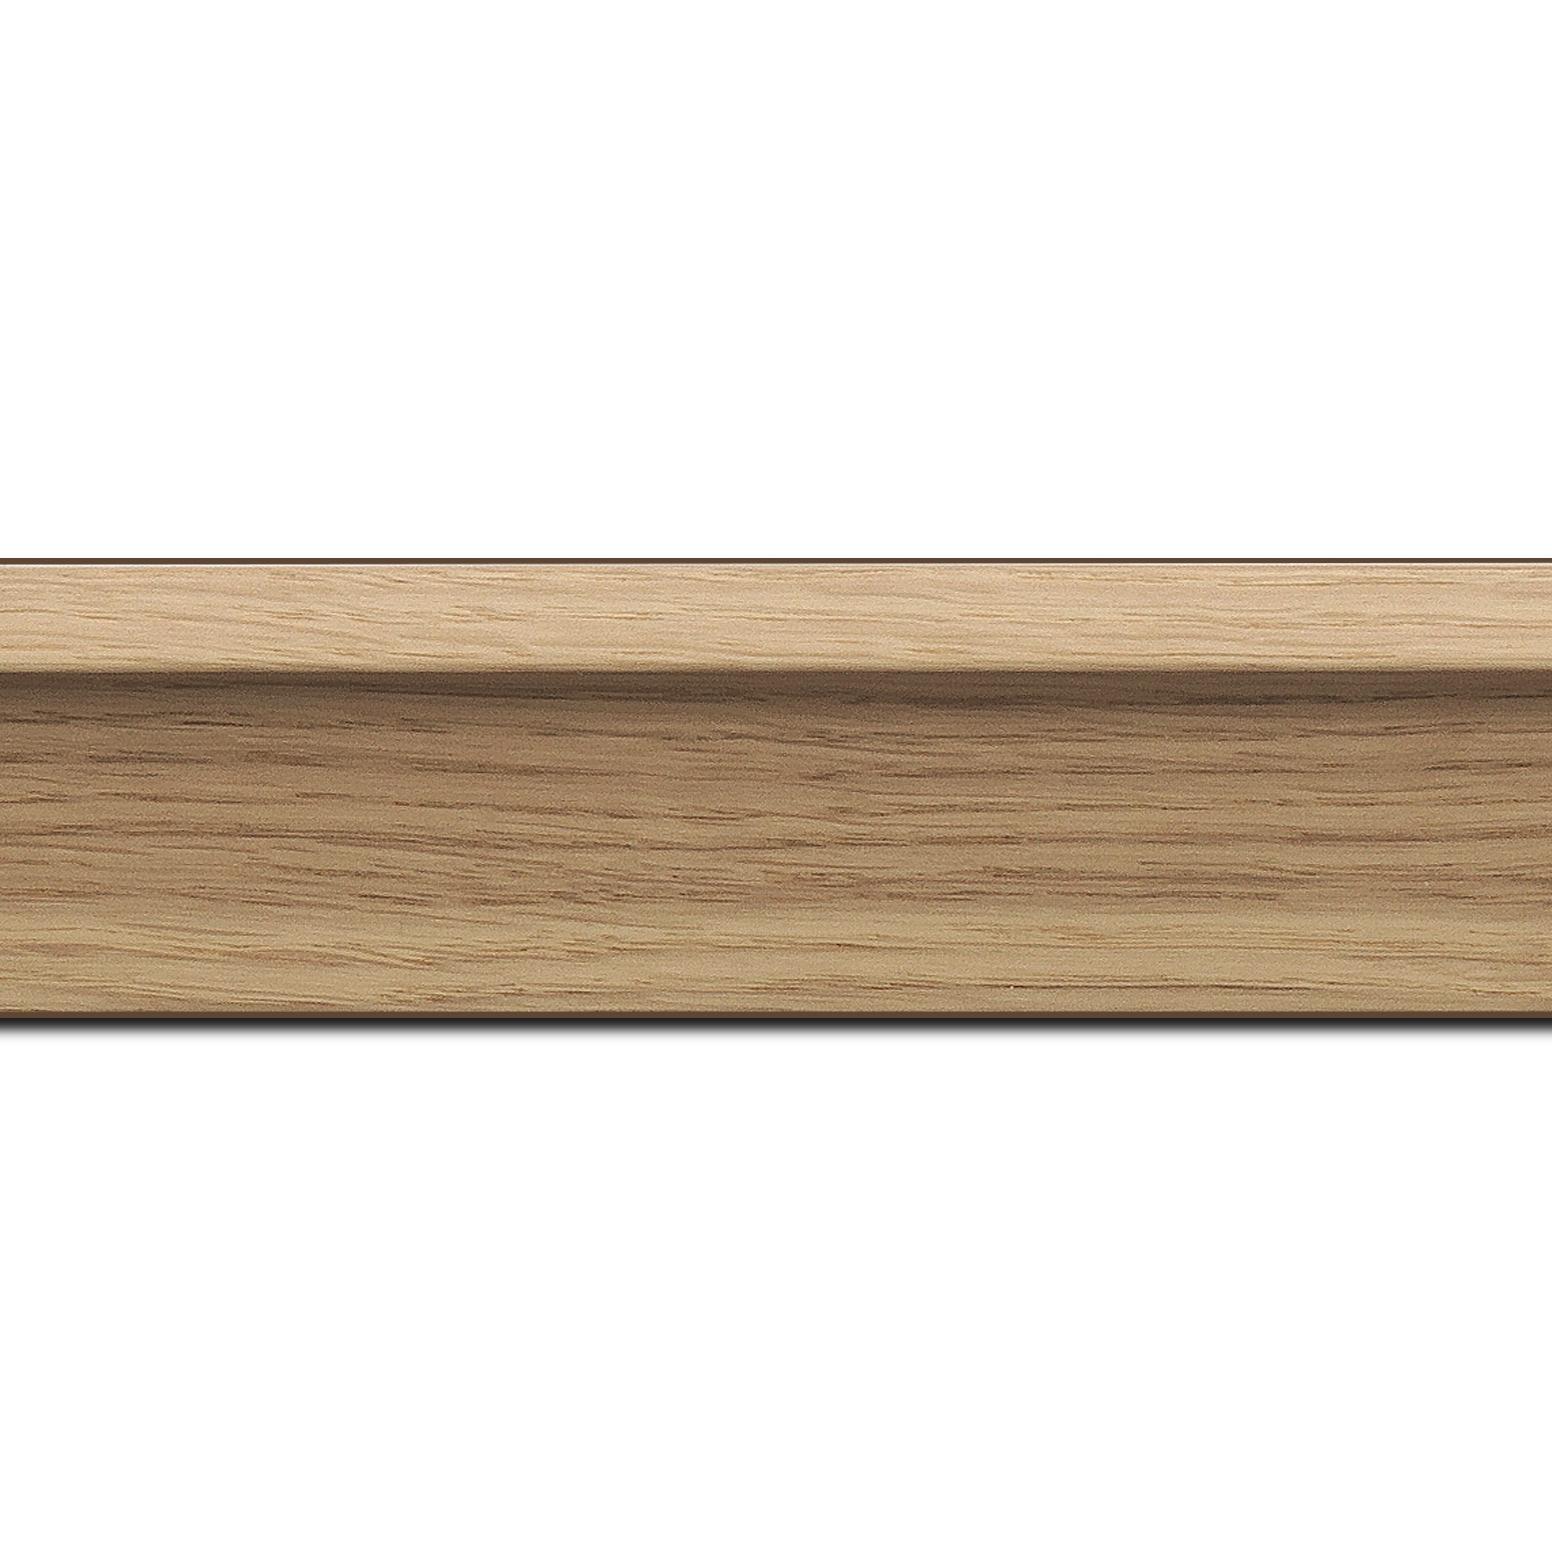 Pack par 12m, bois caisse américaine profil en l largeur 4.5cm placage haut de gamme chêne naturel (spécialement conçu pour les châssis d'une épaisseur jusqu'à 3.5cm ) information complémentaire : il faut renseigner la dimension précise de votre sujet  et l'espace intérieur entre la toile et le cadre sera de 1.5cm (longueur baguette pouvant varier entre 2.40m et 3m selon arrivage des bois)